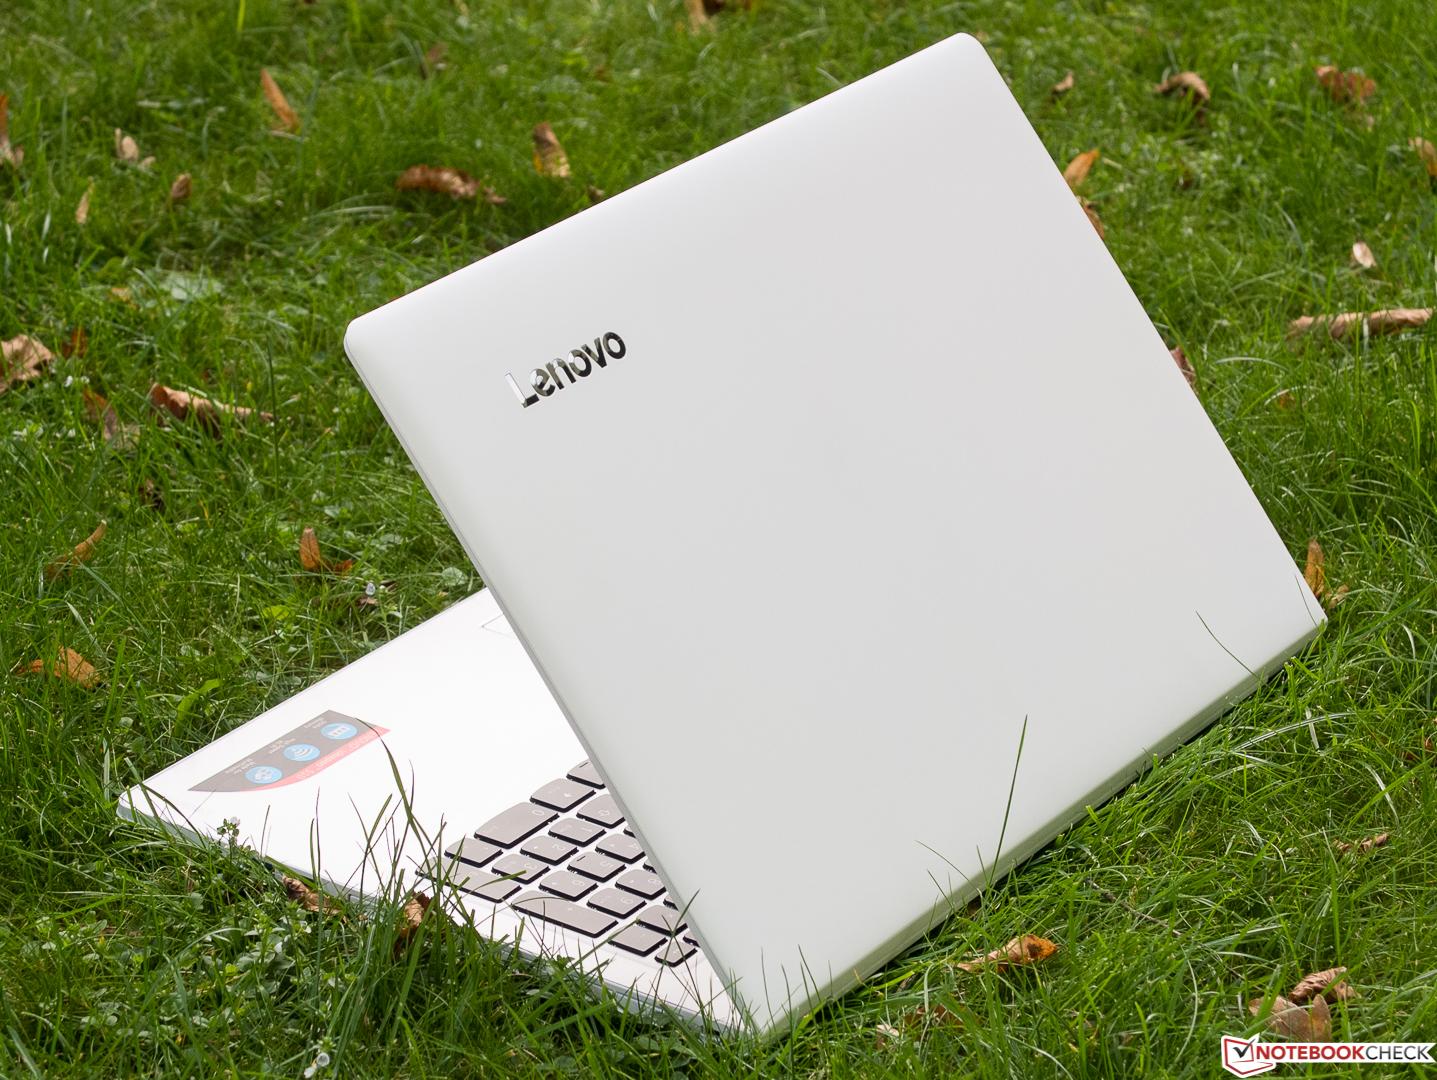 联想799_联想 IdeaPad 510-15ISK 笔记本电脑简短评测 - Notebookcheck